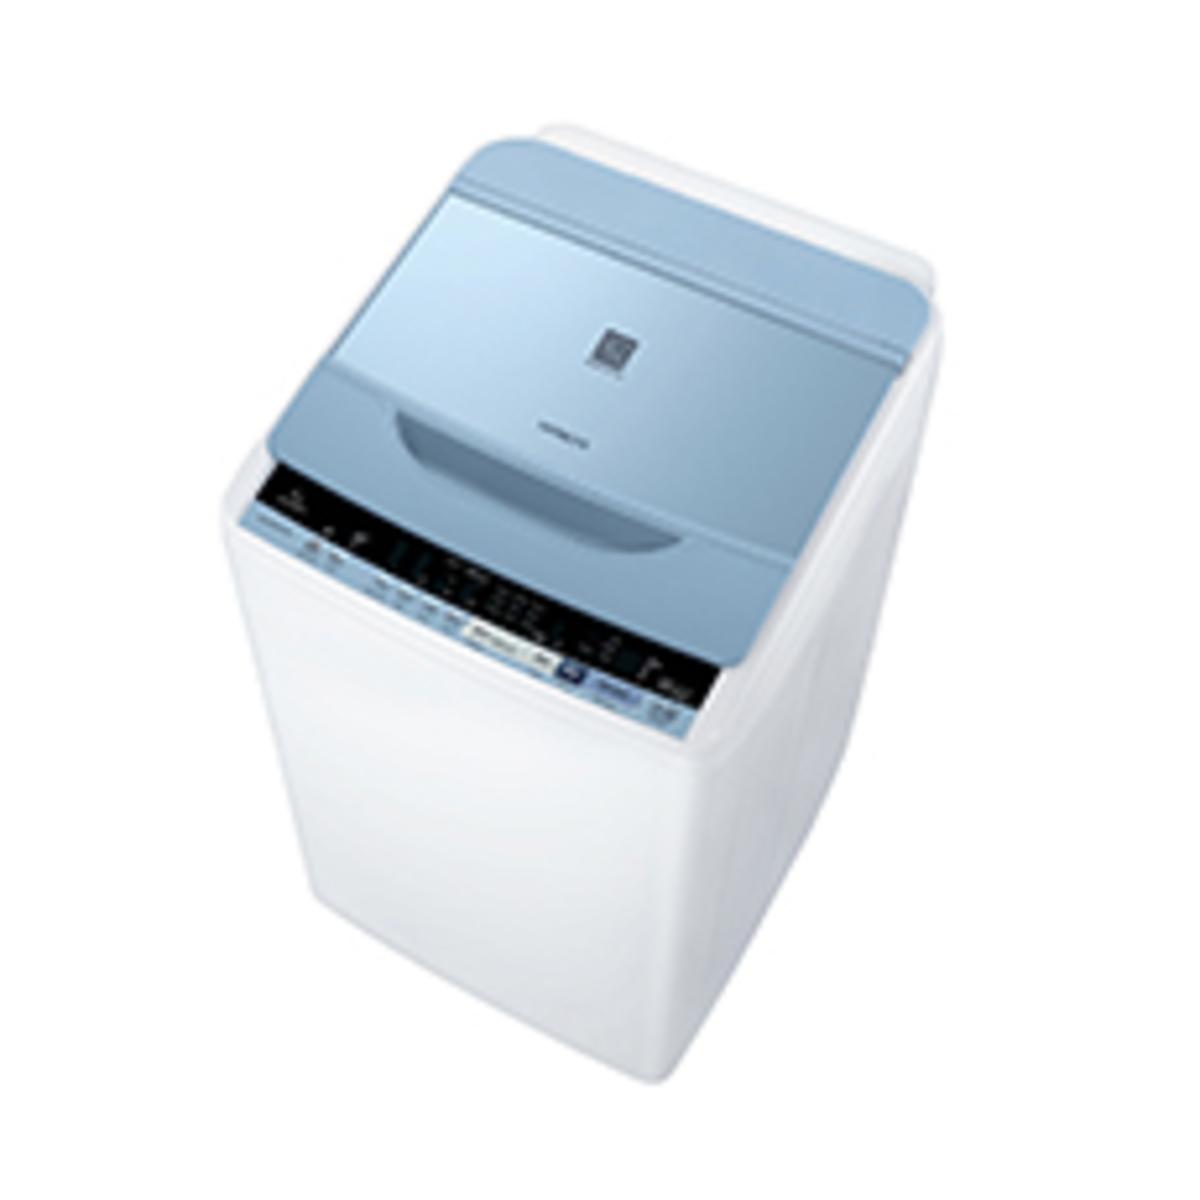 BW-V80BS 8公斤 1,000轉 日式洗衣機 (低水位型號) - 原廠 2年保養